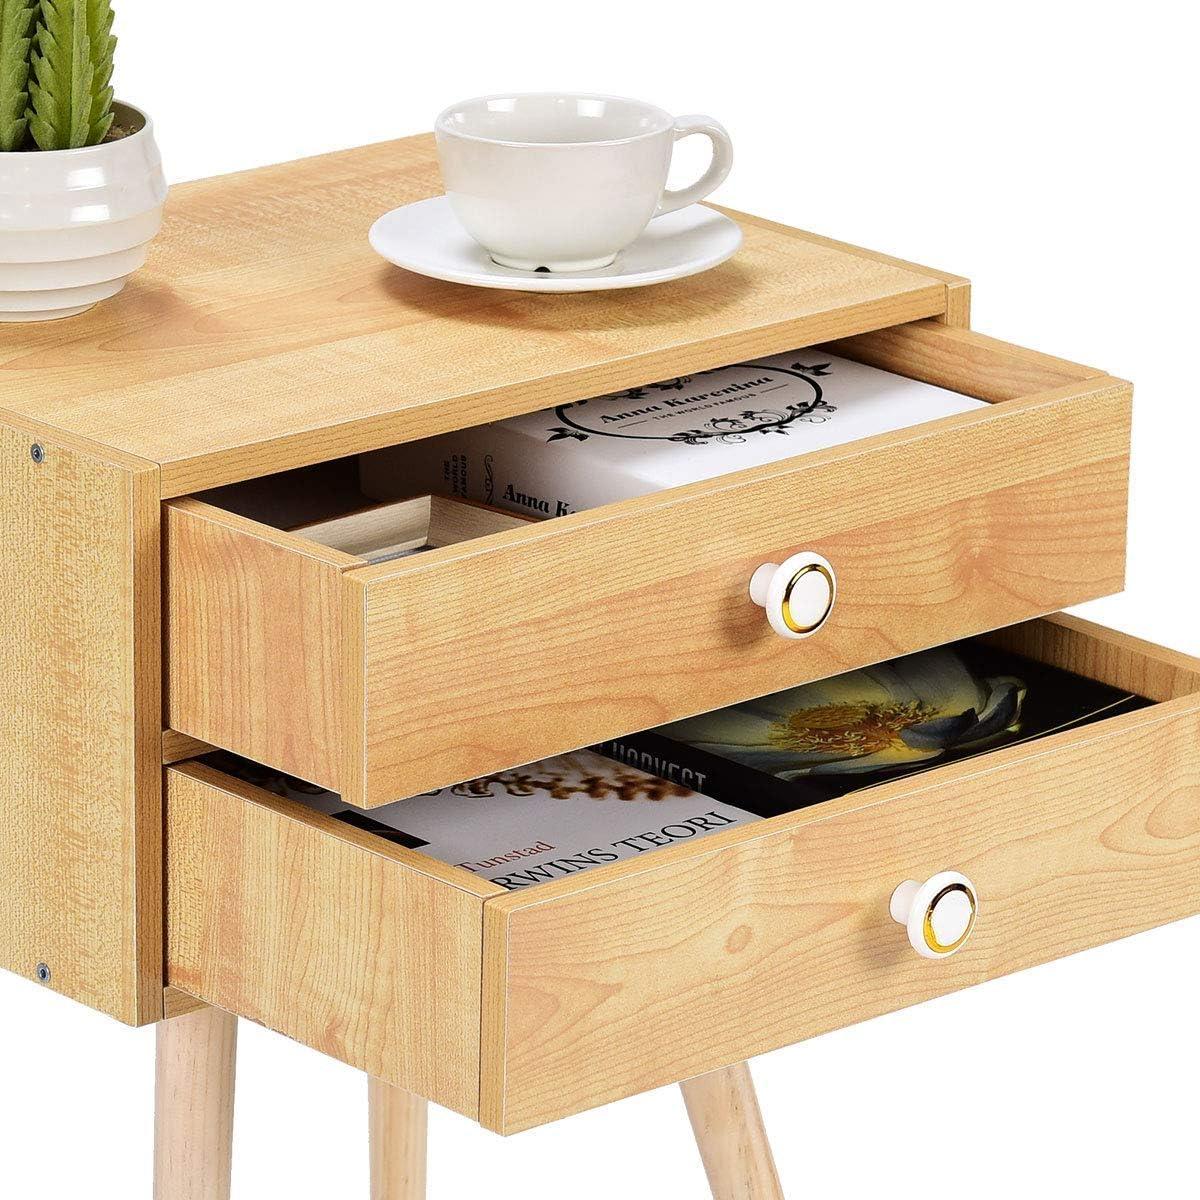 COSTWAY Comodino Naturale Tavolino con 2 Cassetti in MDF Ecologico e Resistente 2 cassetti